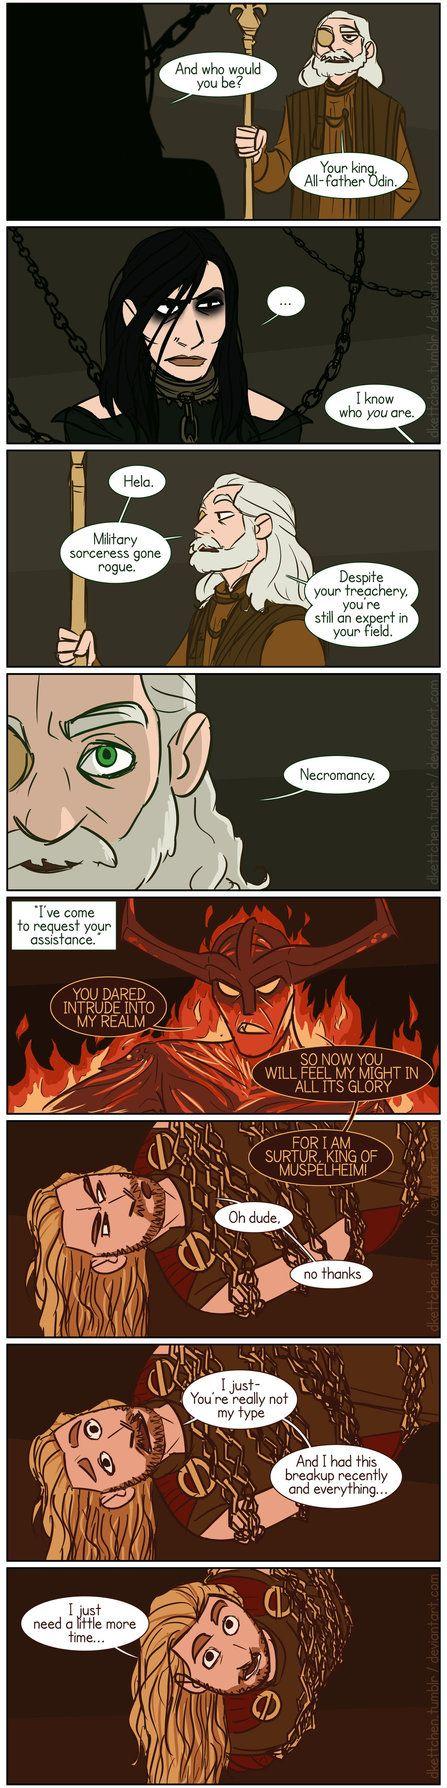 Ragnarok - page 1/? - Ice and Fire (part 1) by DKettchen.deviantart.com on @DeviantArt